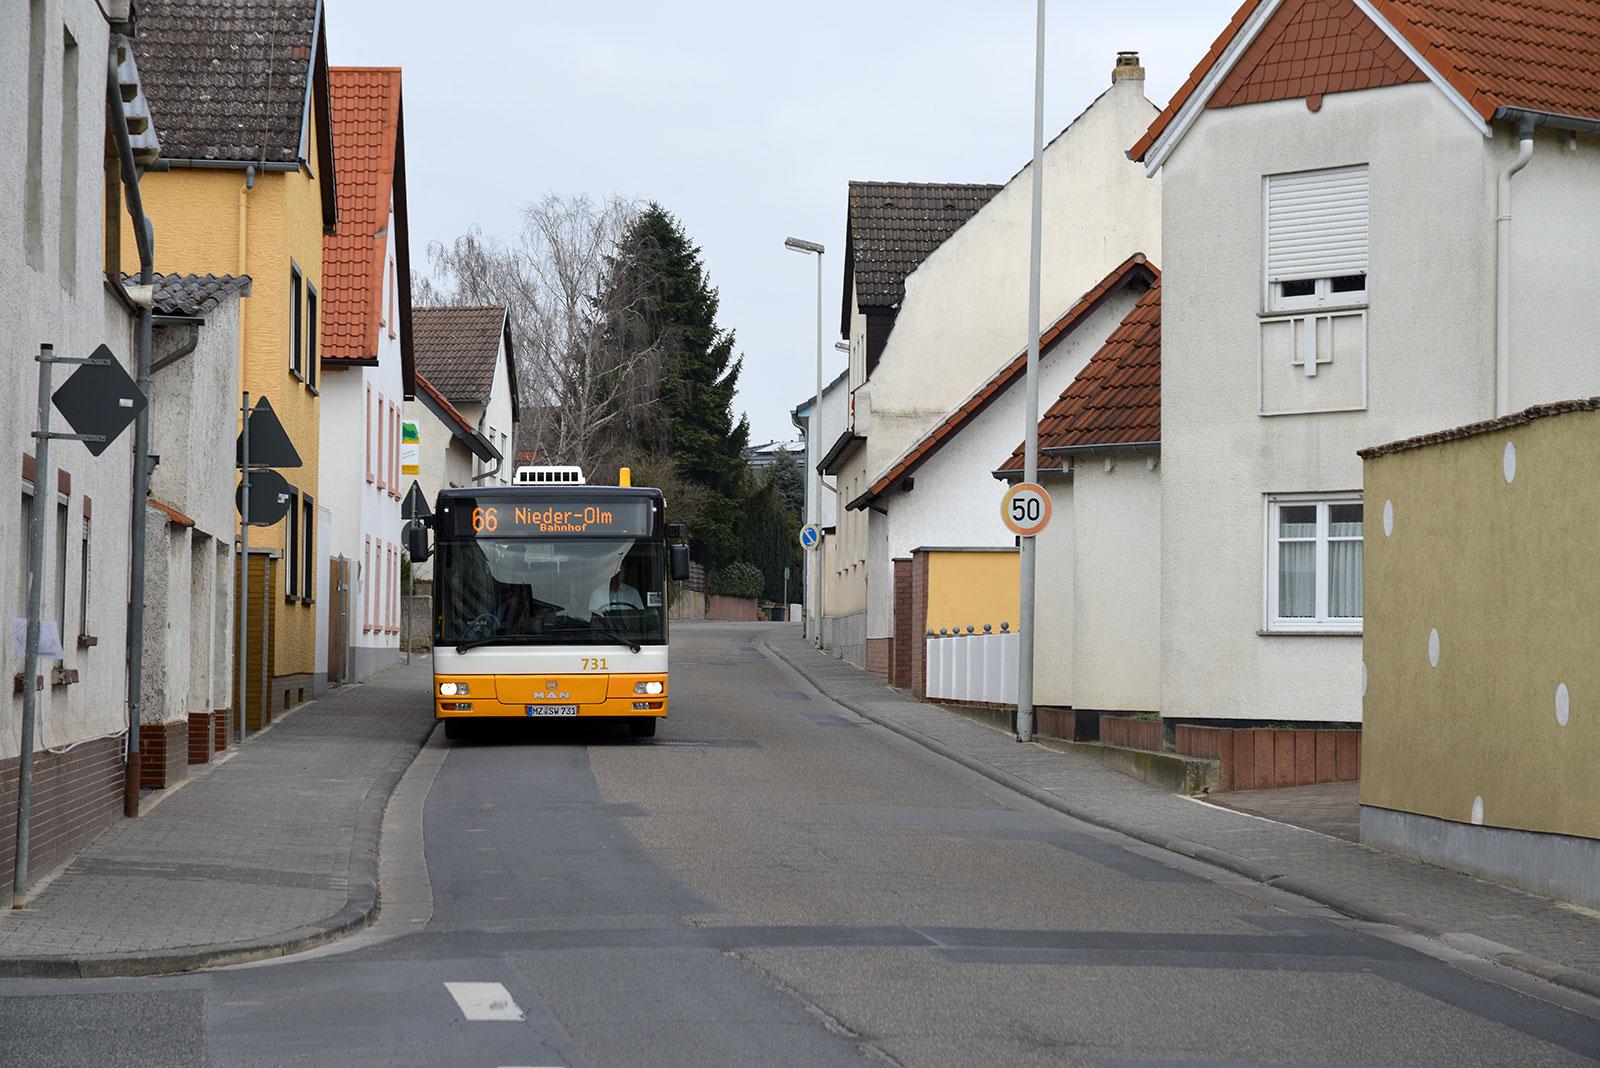 Gut angebunden mit dem Bus